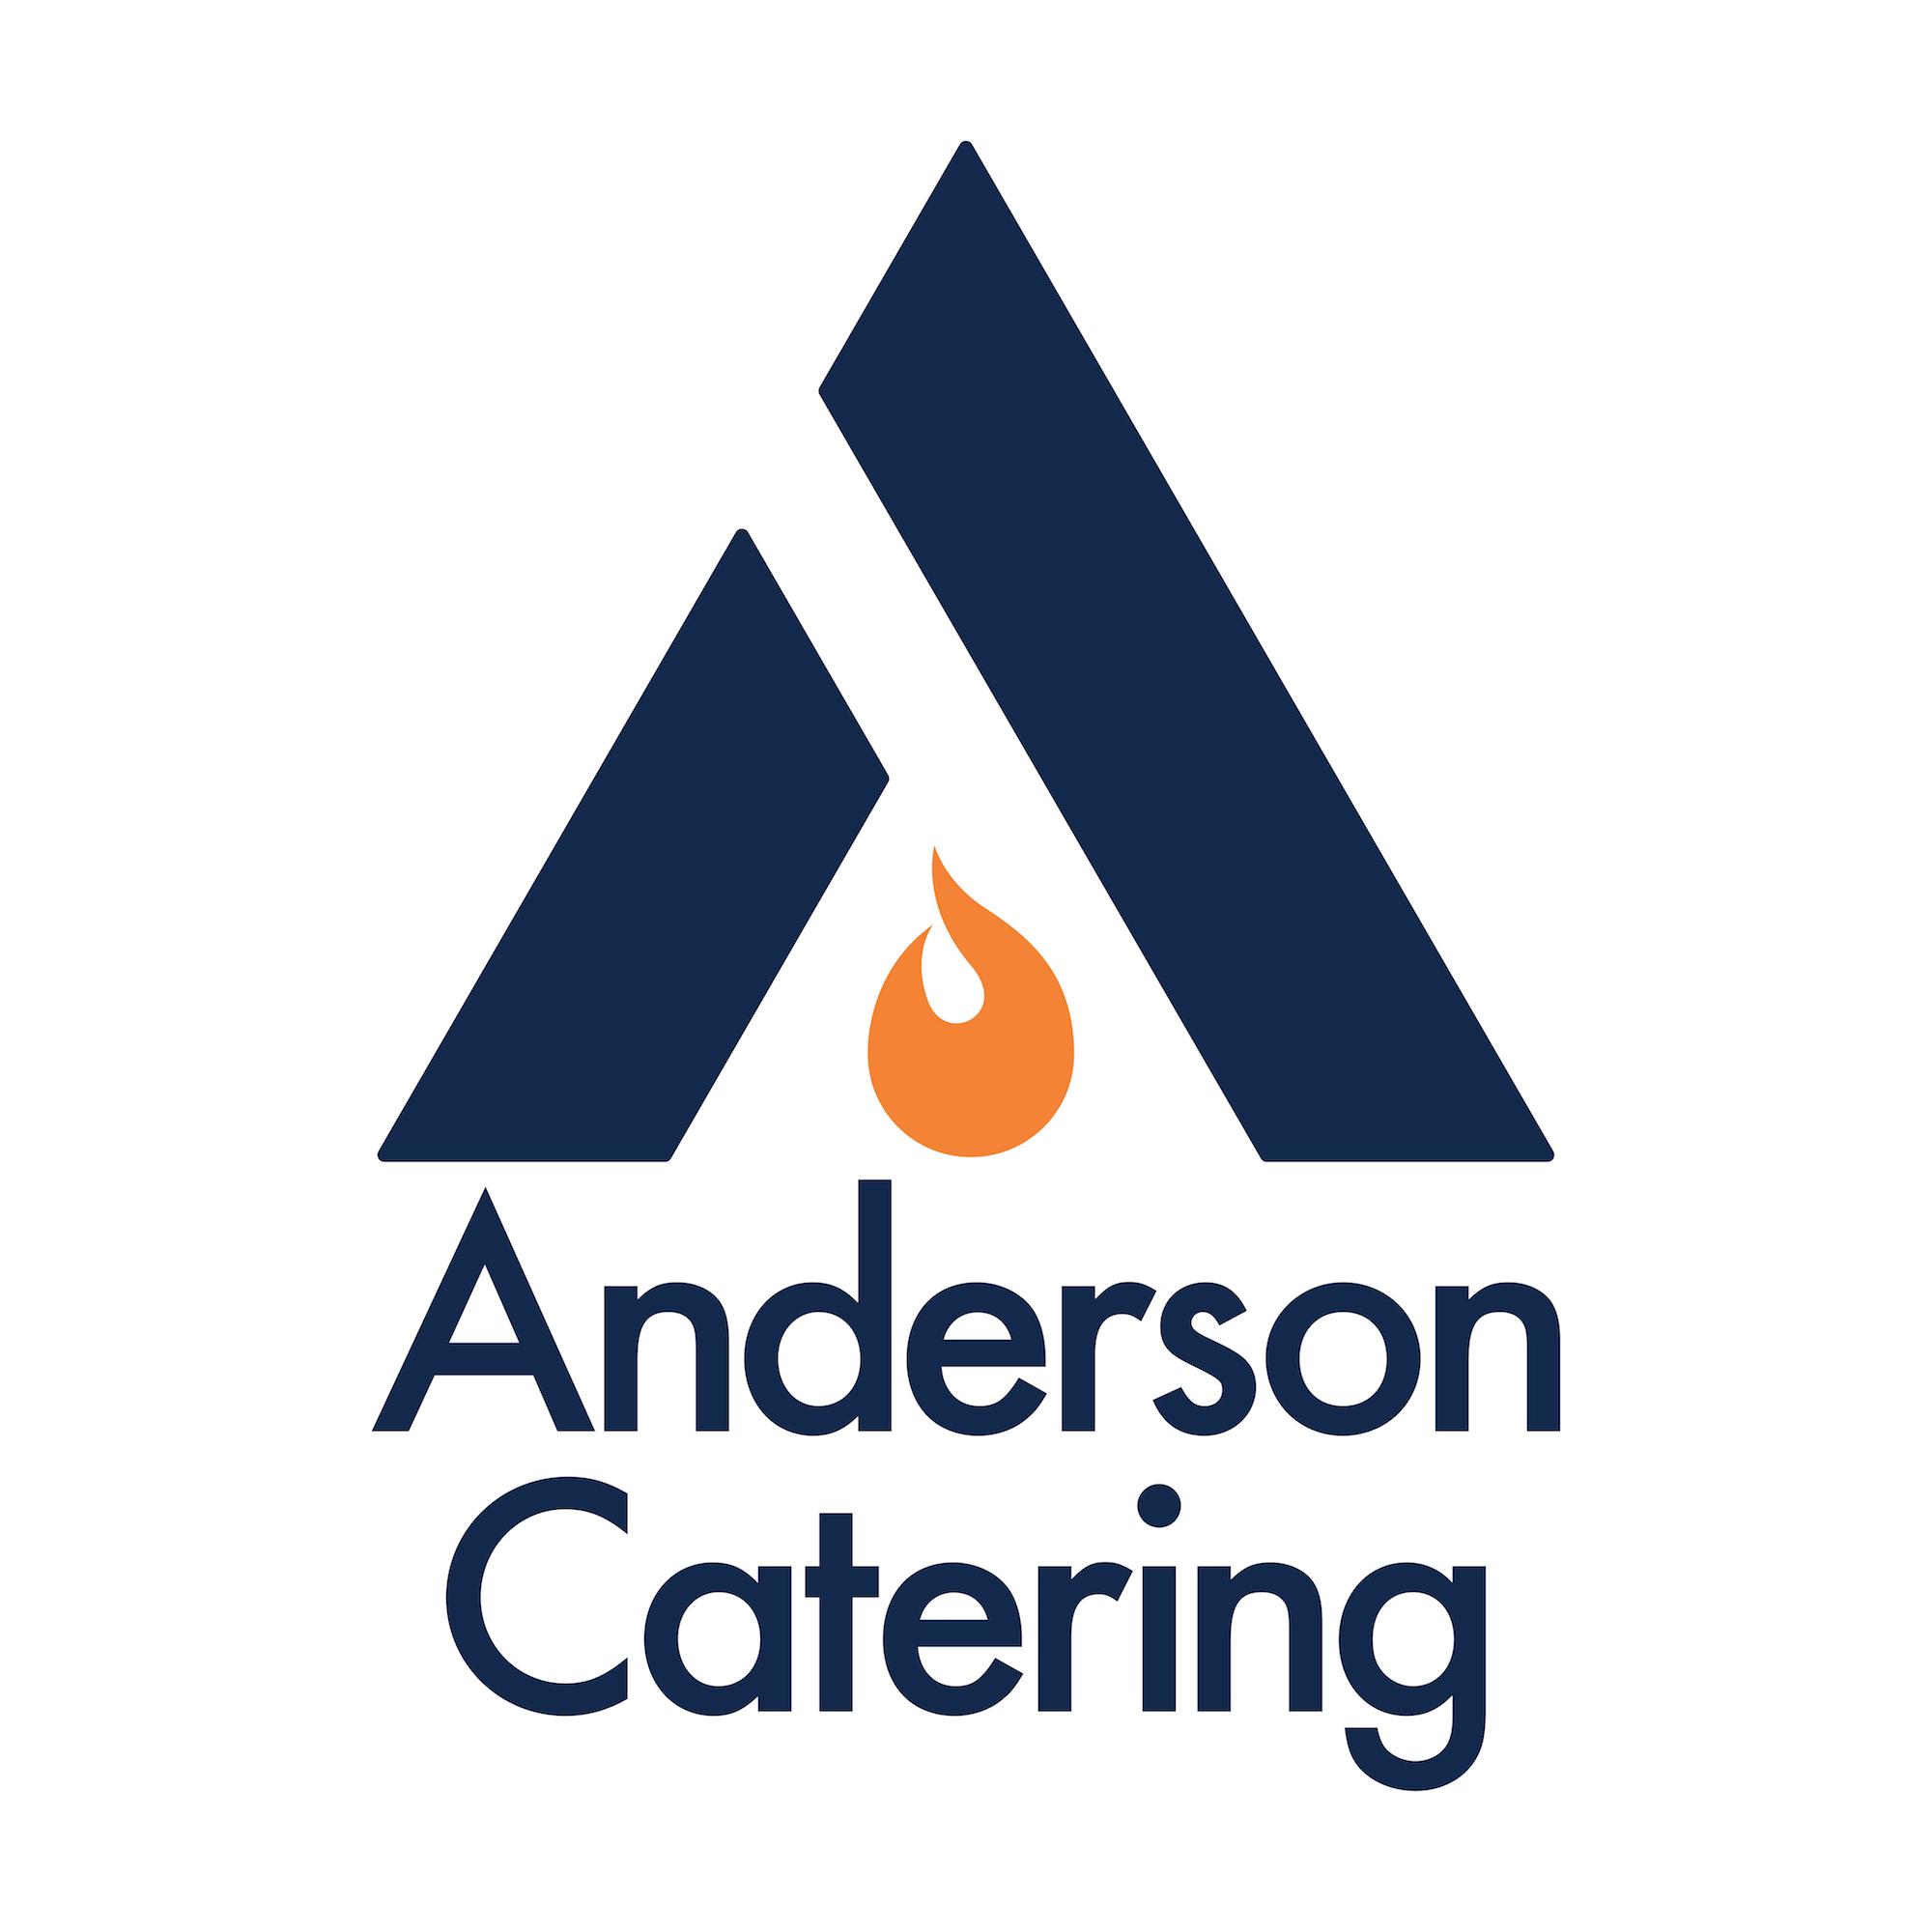 Catering logo graphic design by Hagan Design Co Champaign Illinois